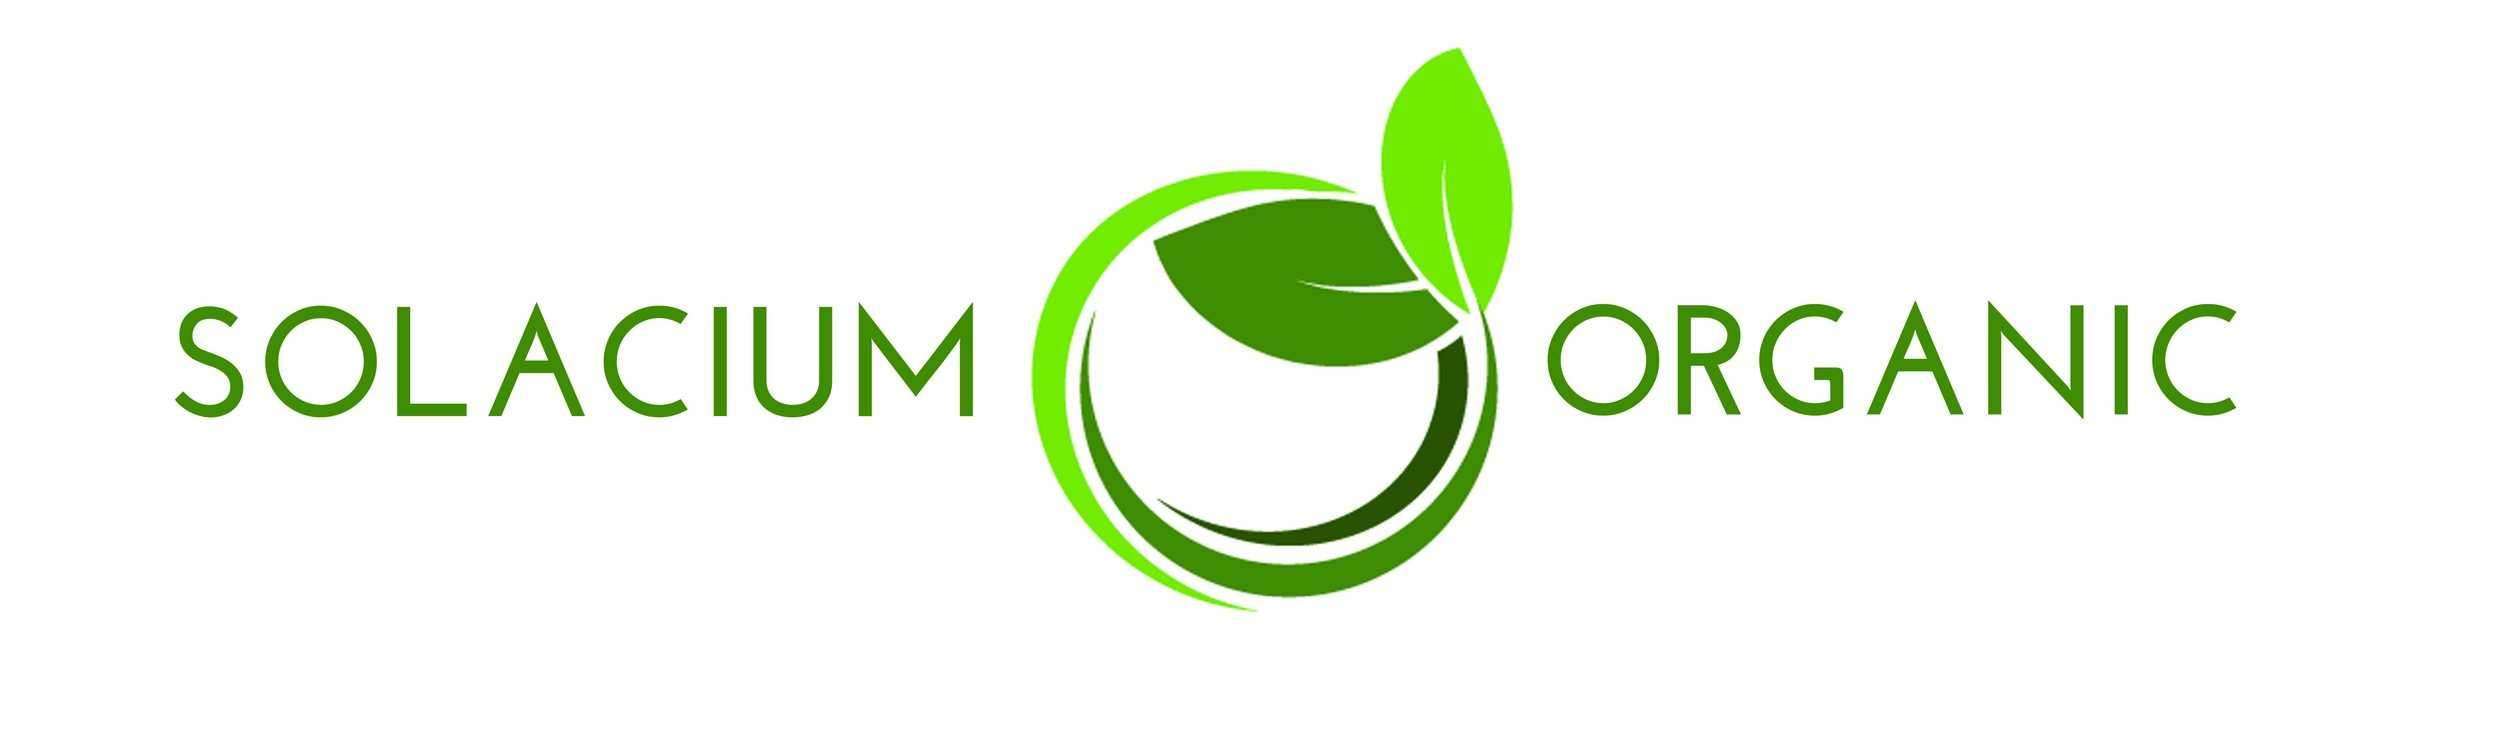 Solacium Organic Anusitis natural organic herbal relief